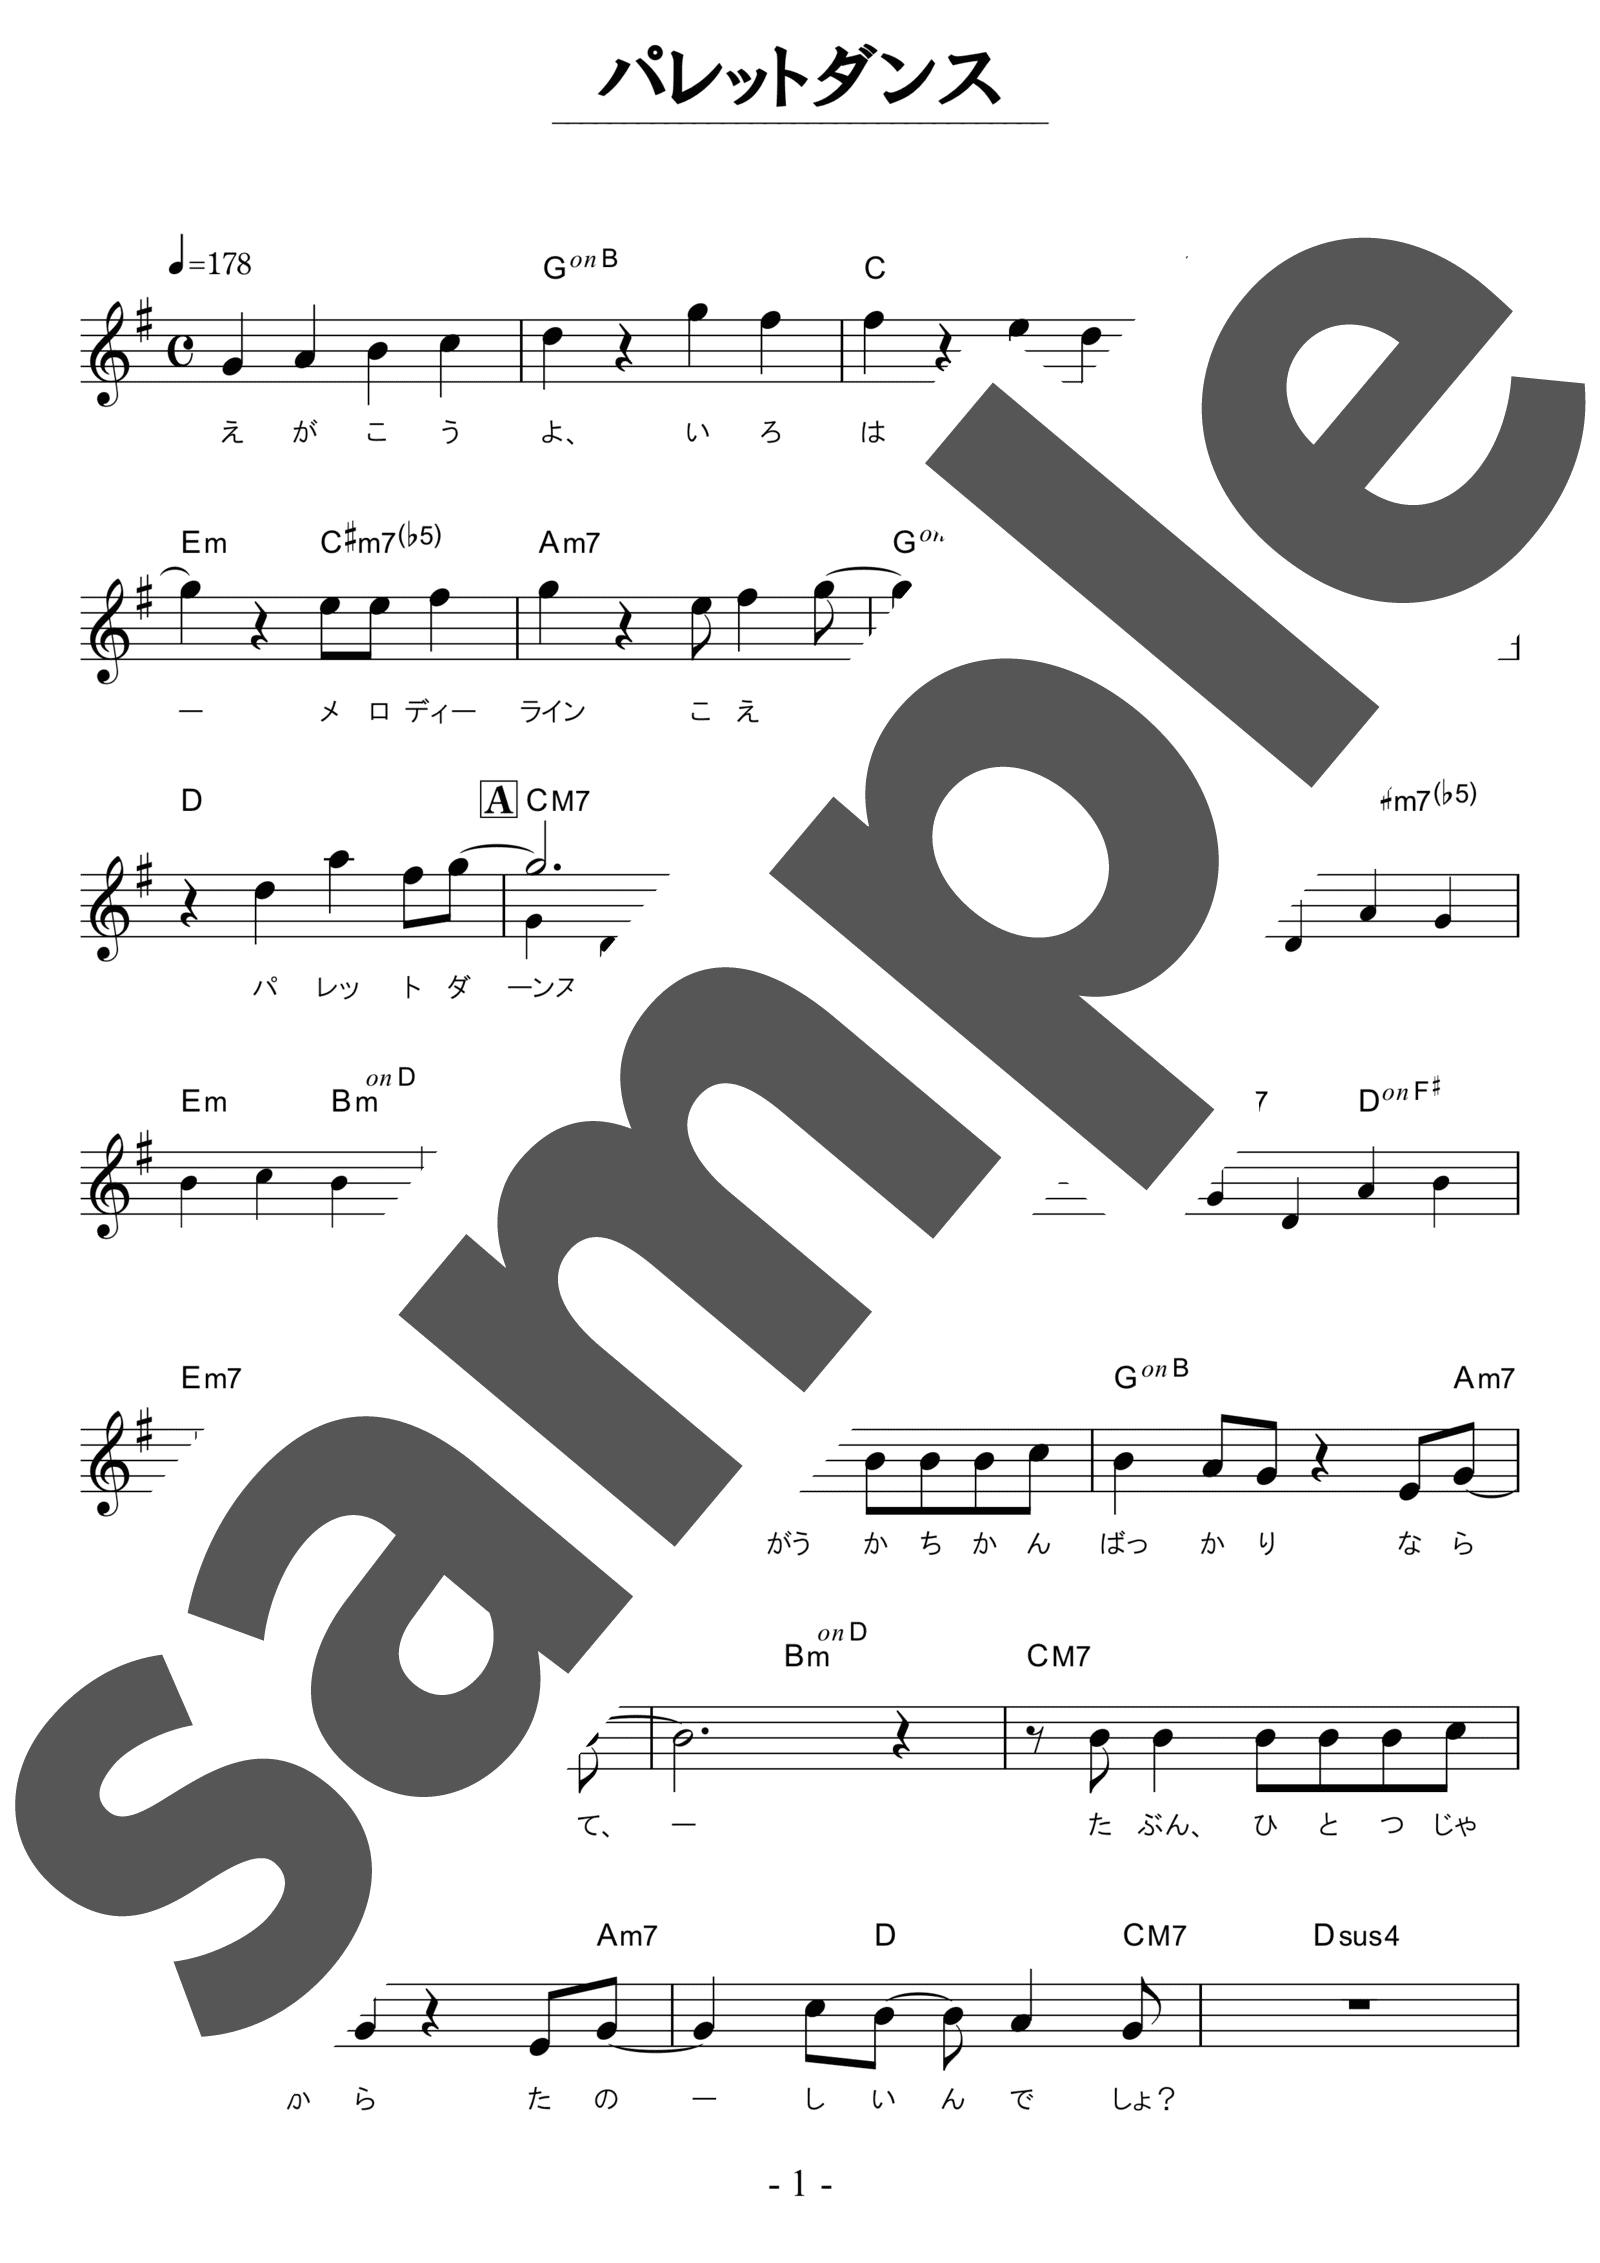 「パレットダンス」のサンプル楽譜